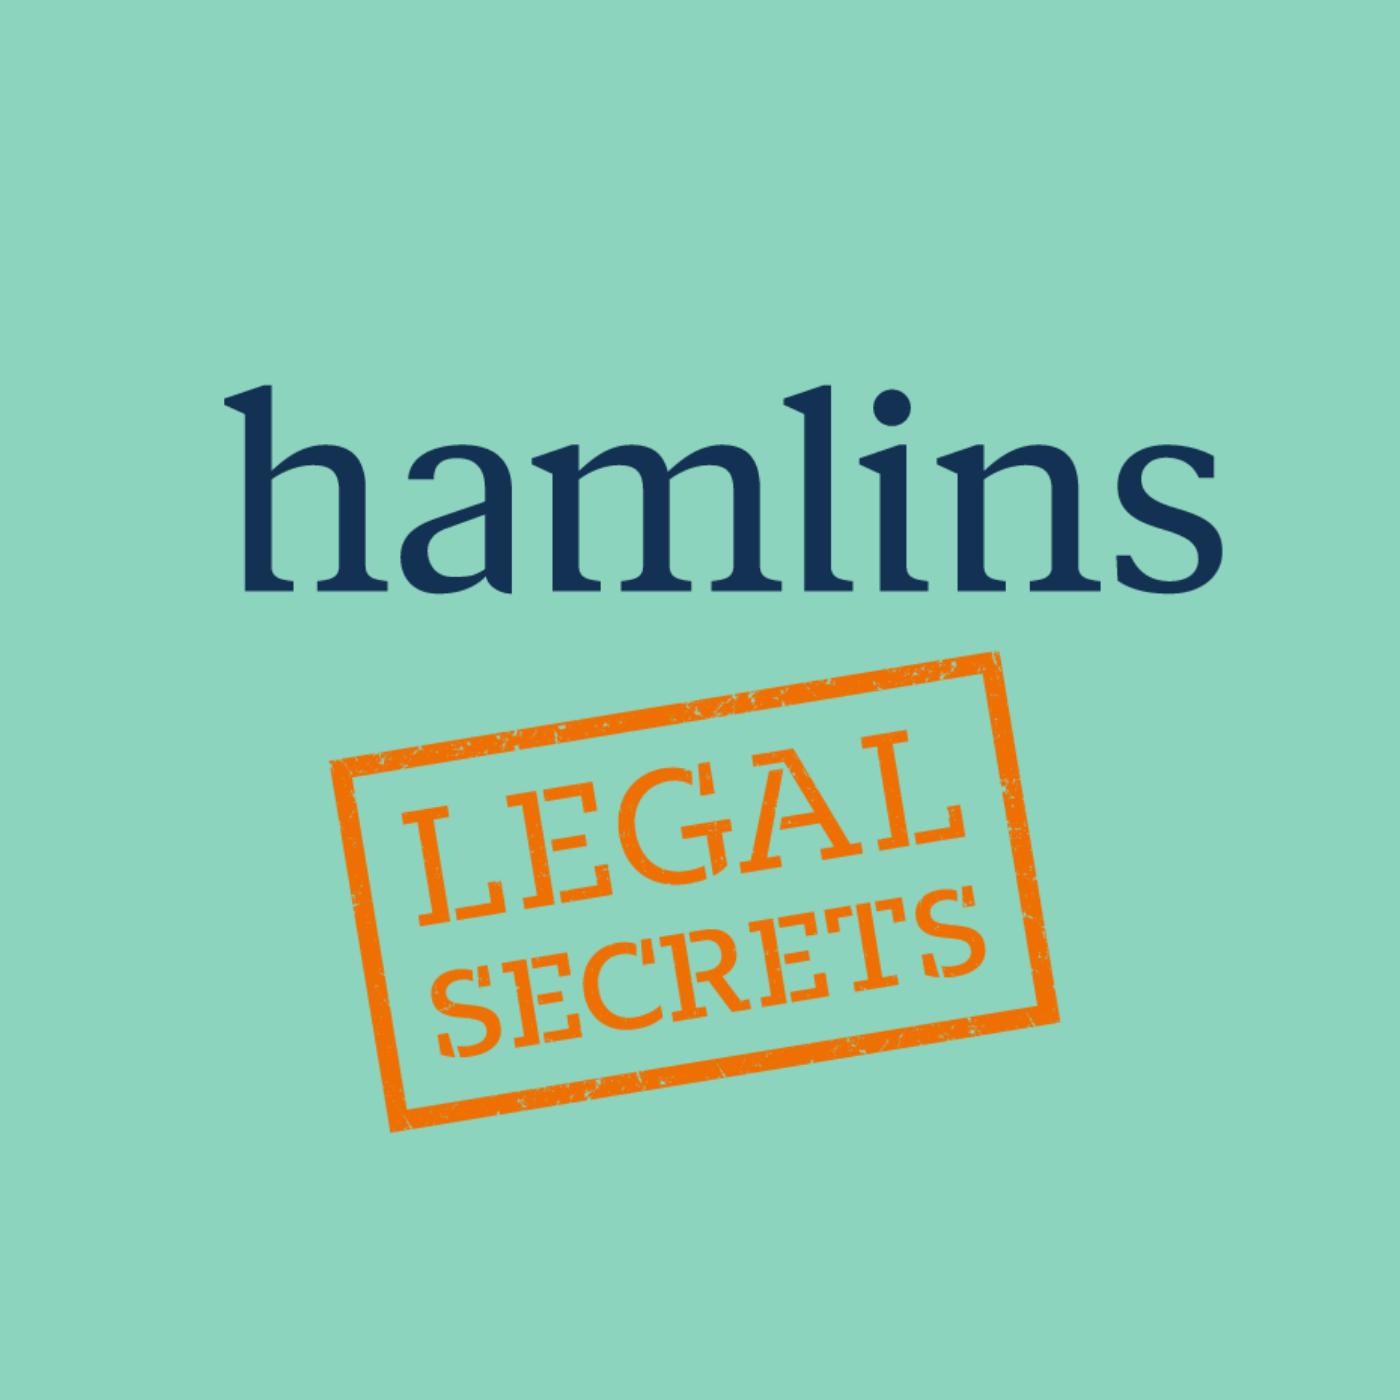 Hamlins shares its Legal Secrets